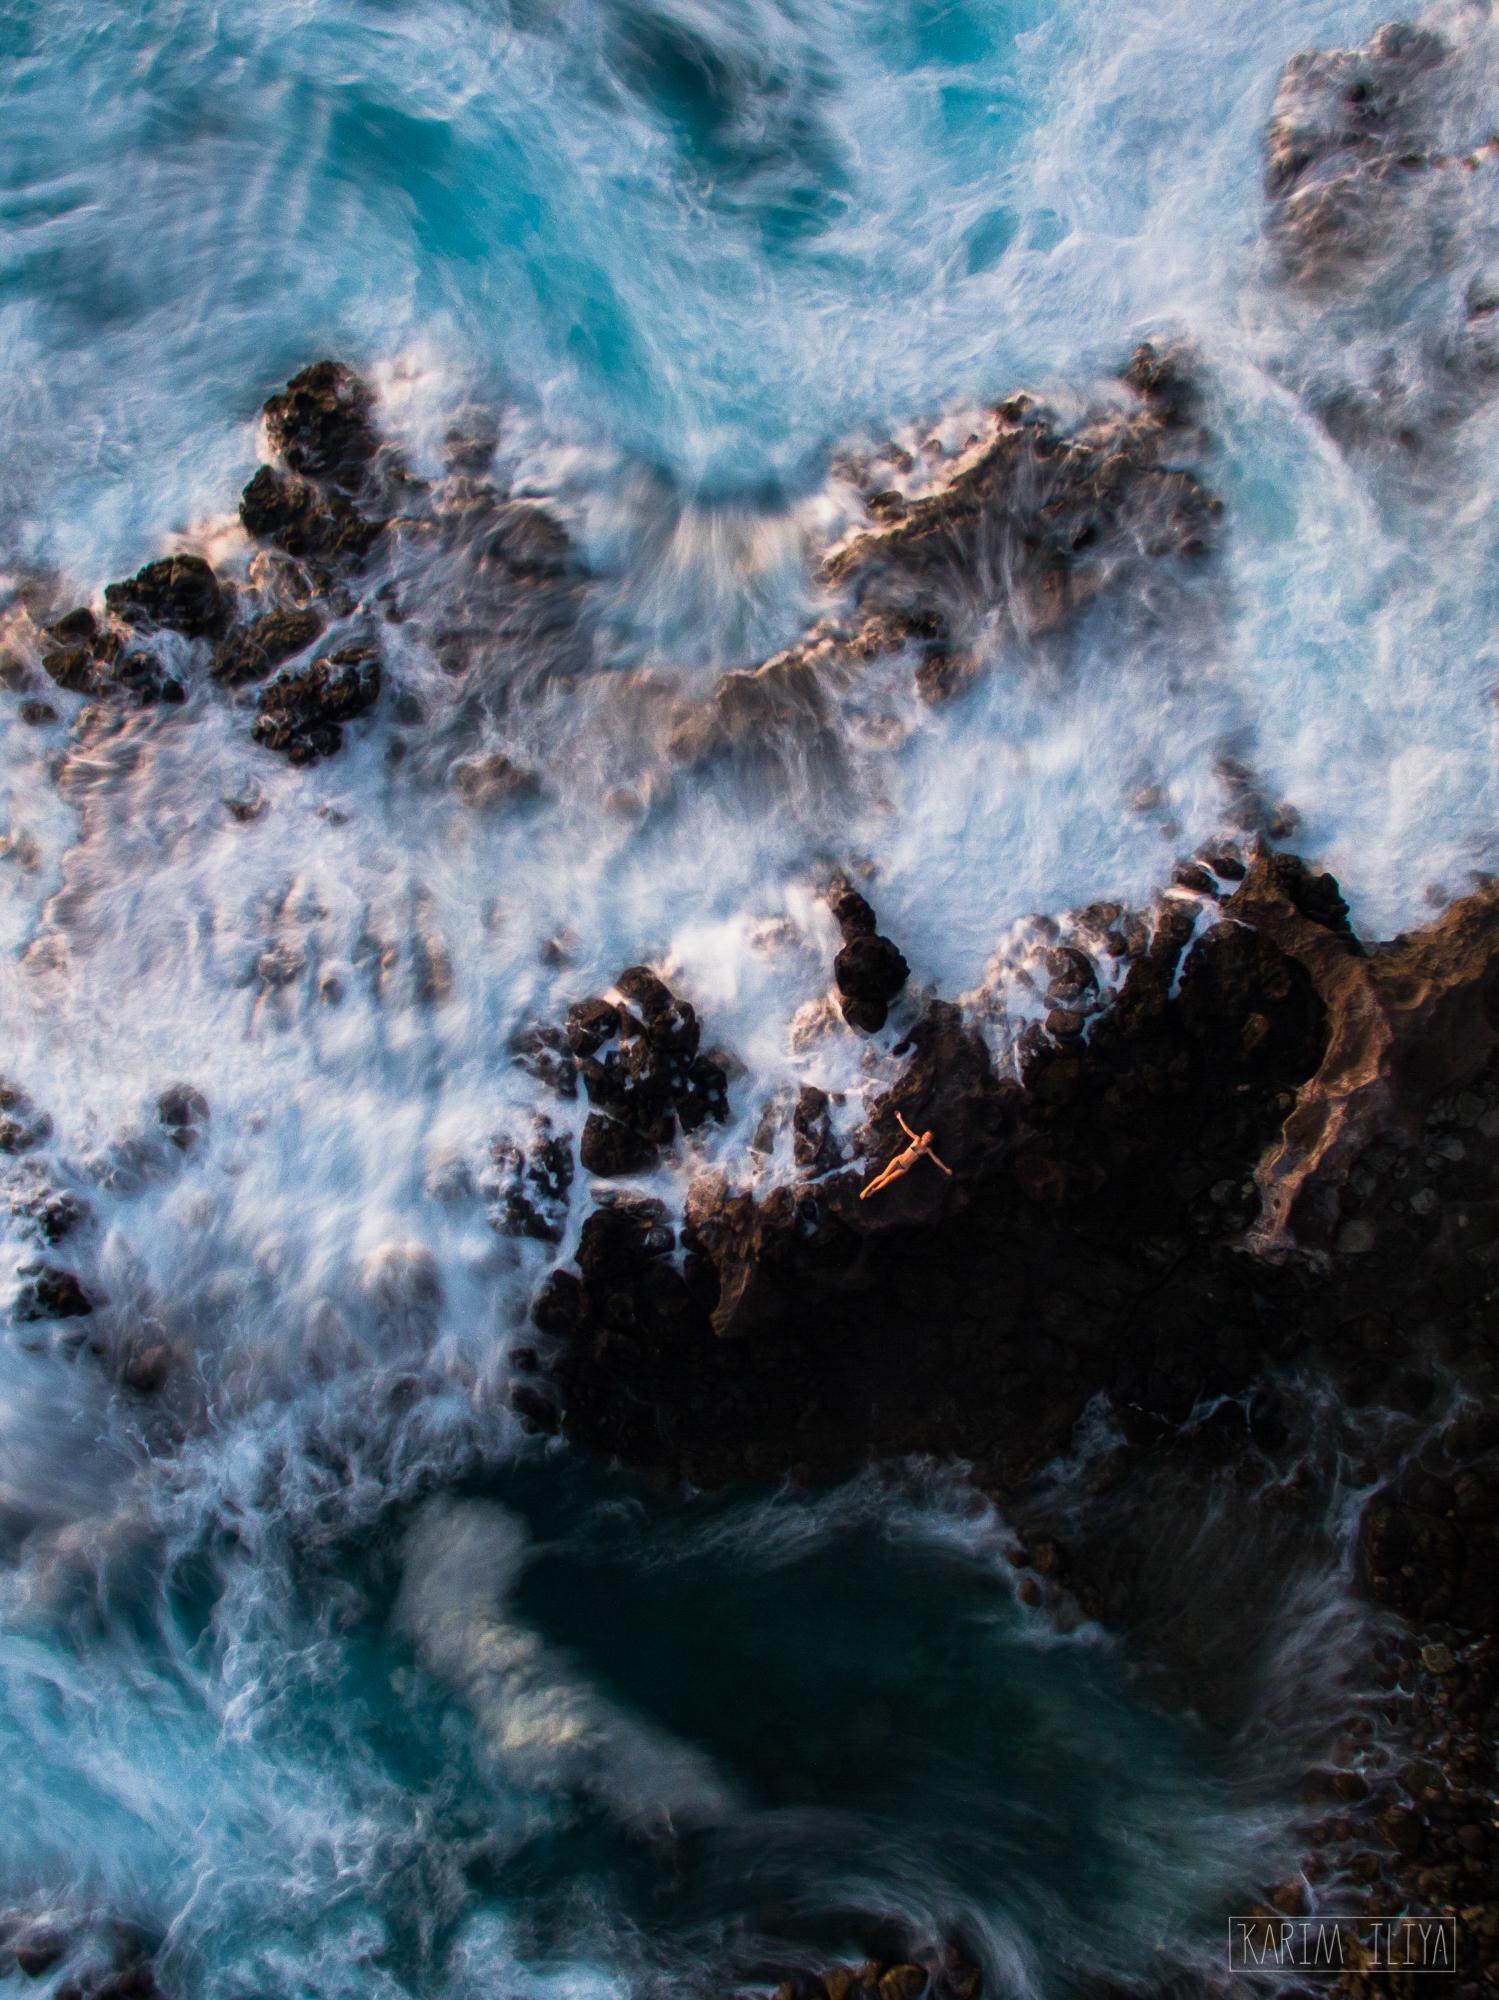 KARIM_ILIYA_PHOTOGRAPHY_HAWAII_SWIMWEAR_BIKINI_BEACH32.jpg